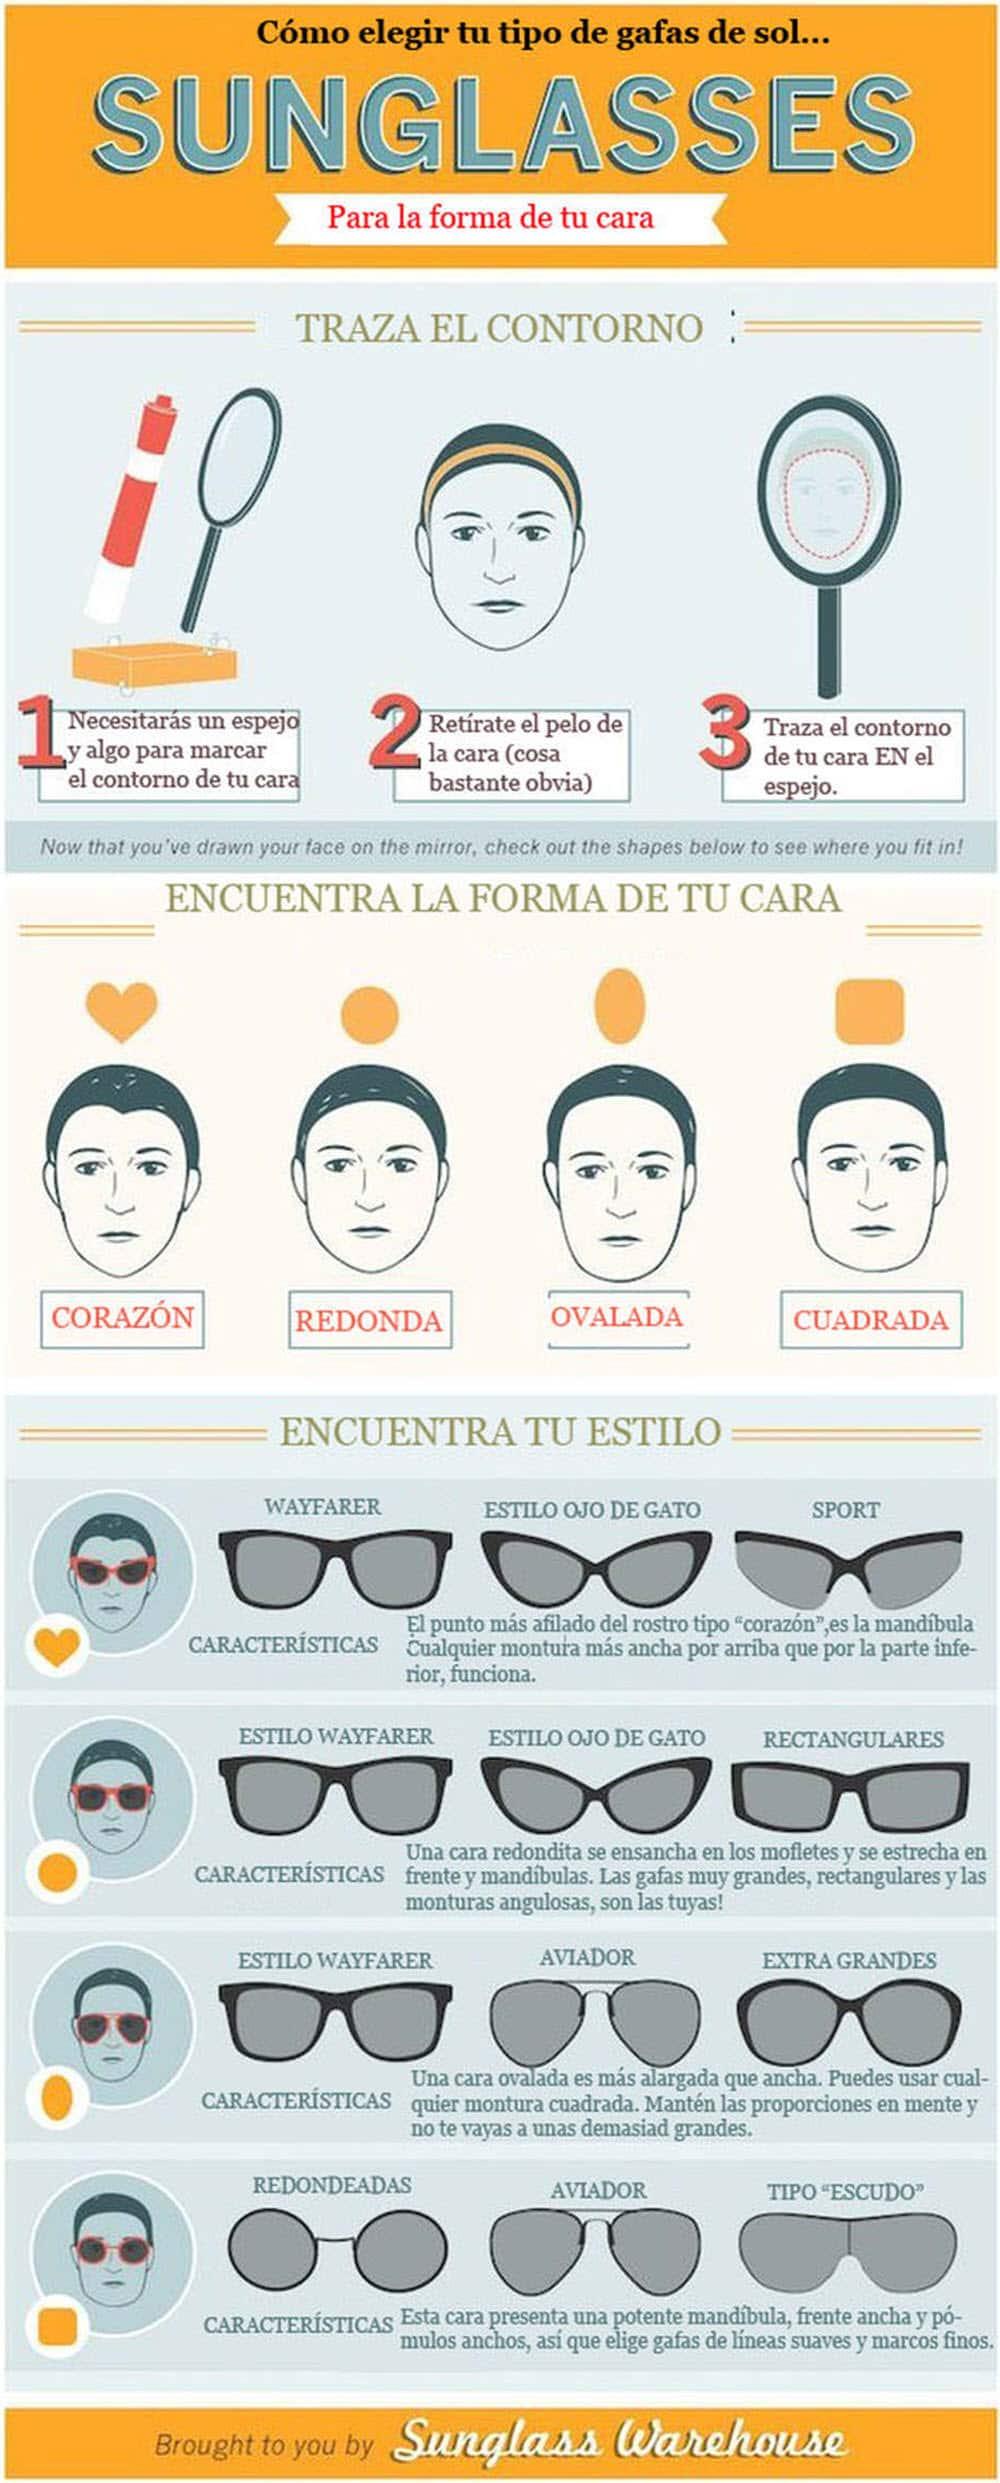 guia estilo hombre visual como elegir tipo gafas de sol